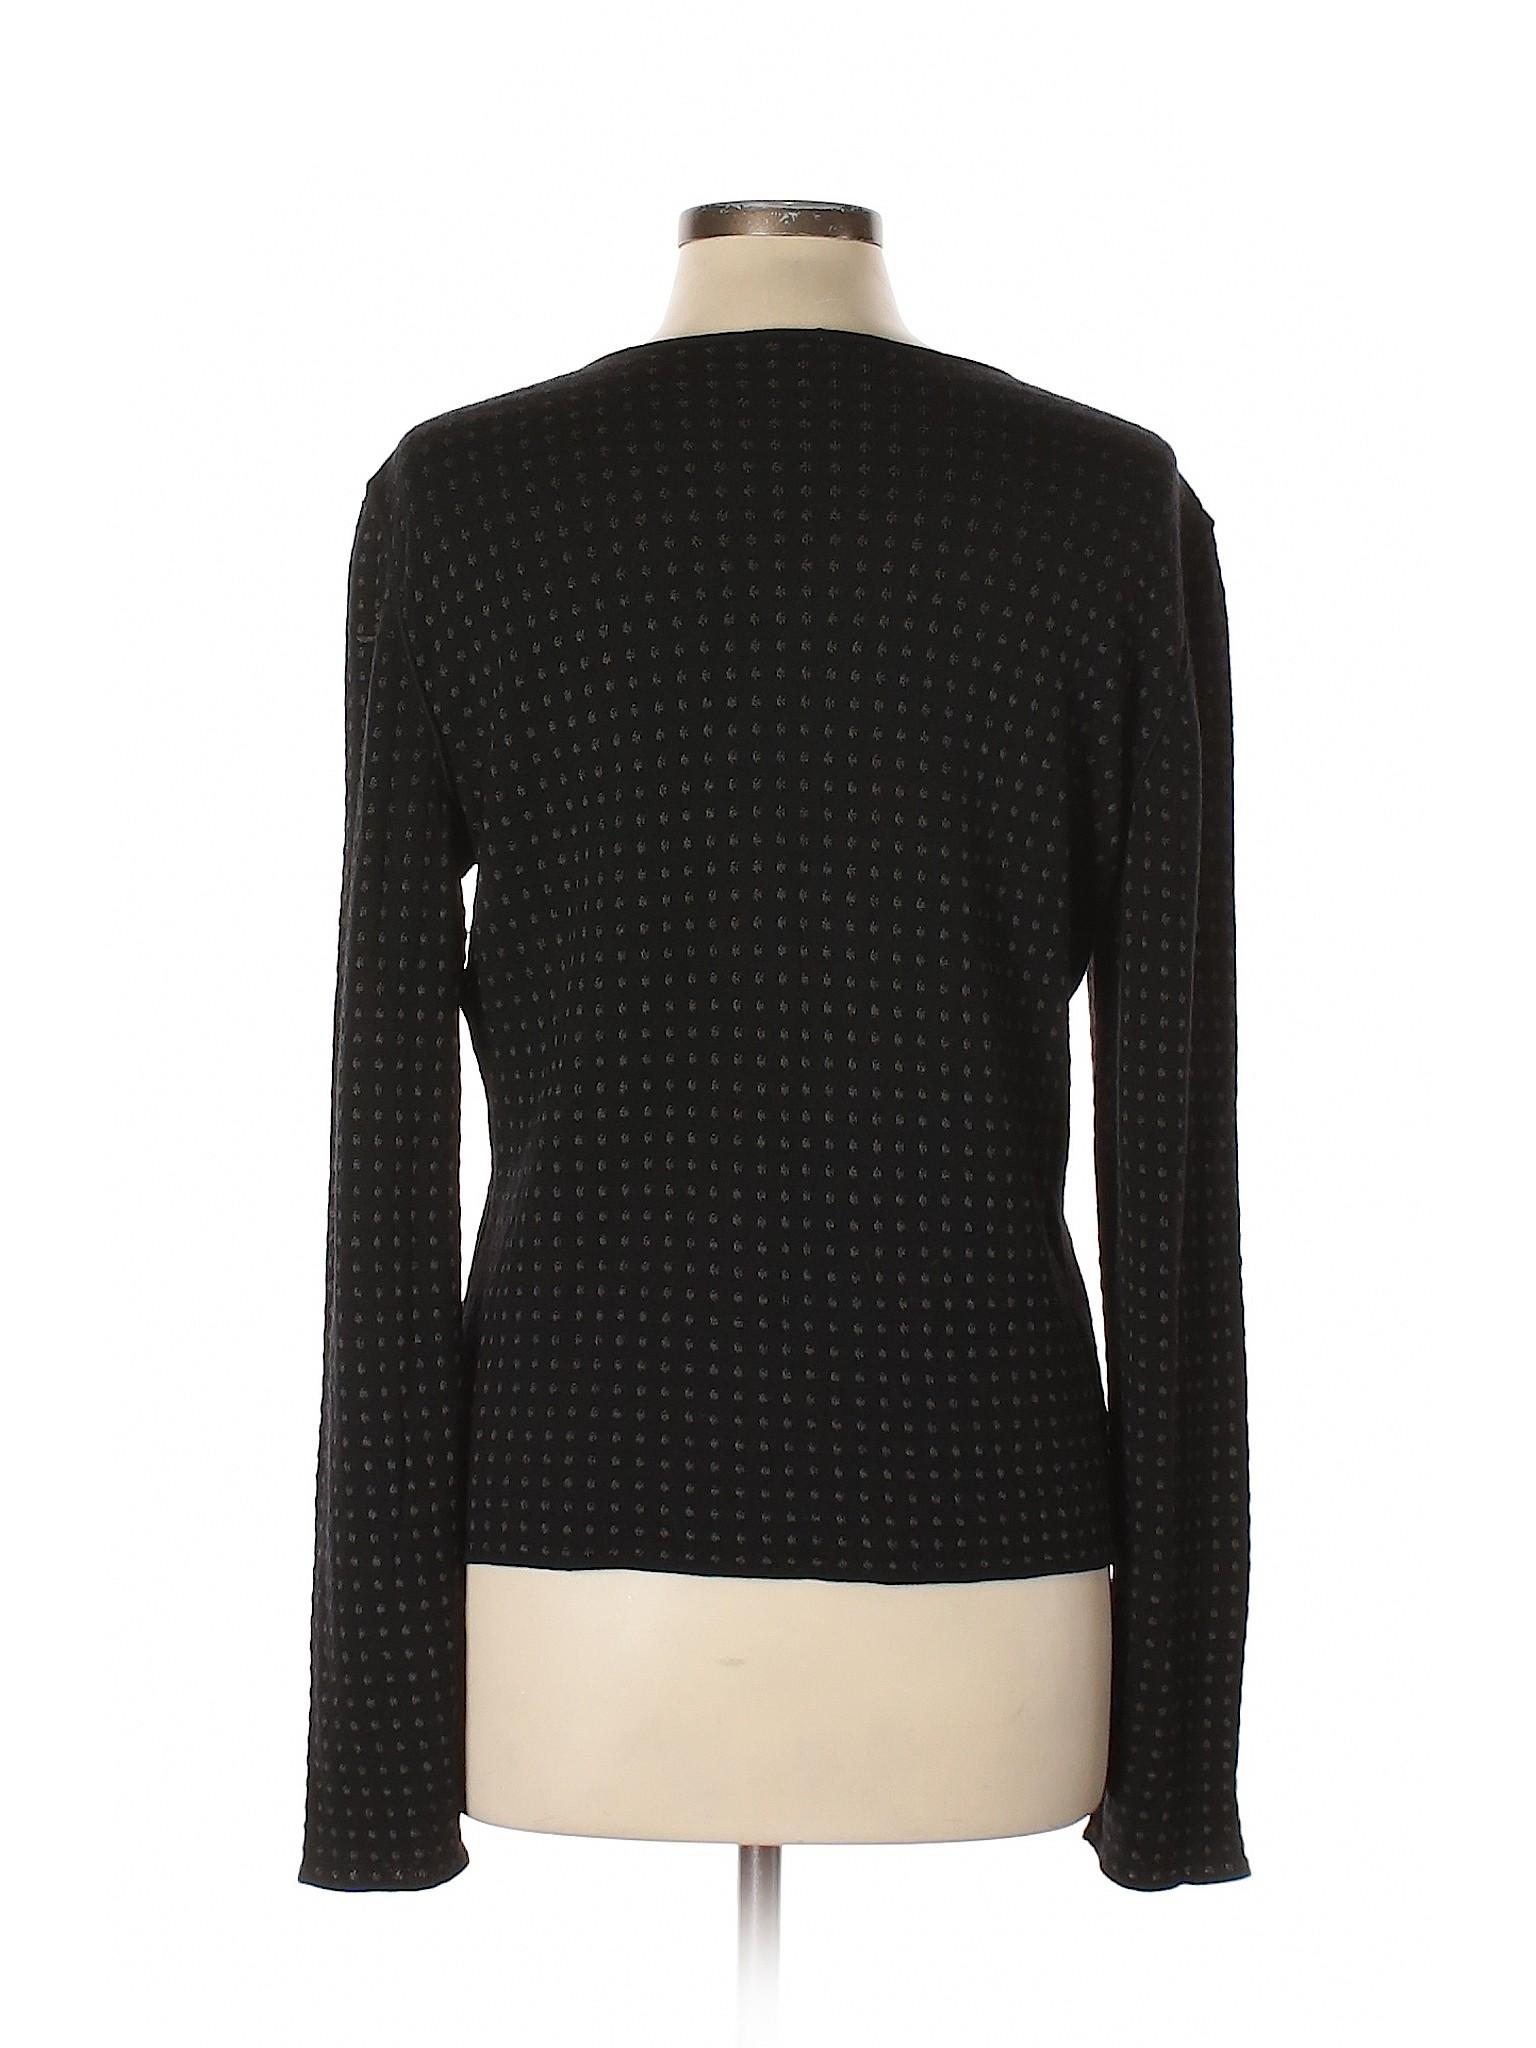 Giorgio Pullover Sweater Pullover Boutique Giorgio Armani Armani Boutique q8p8BwrE